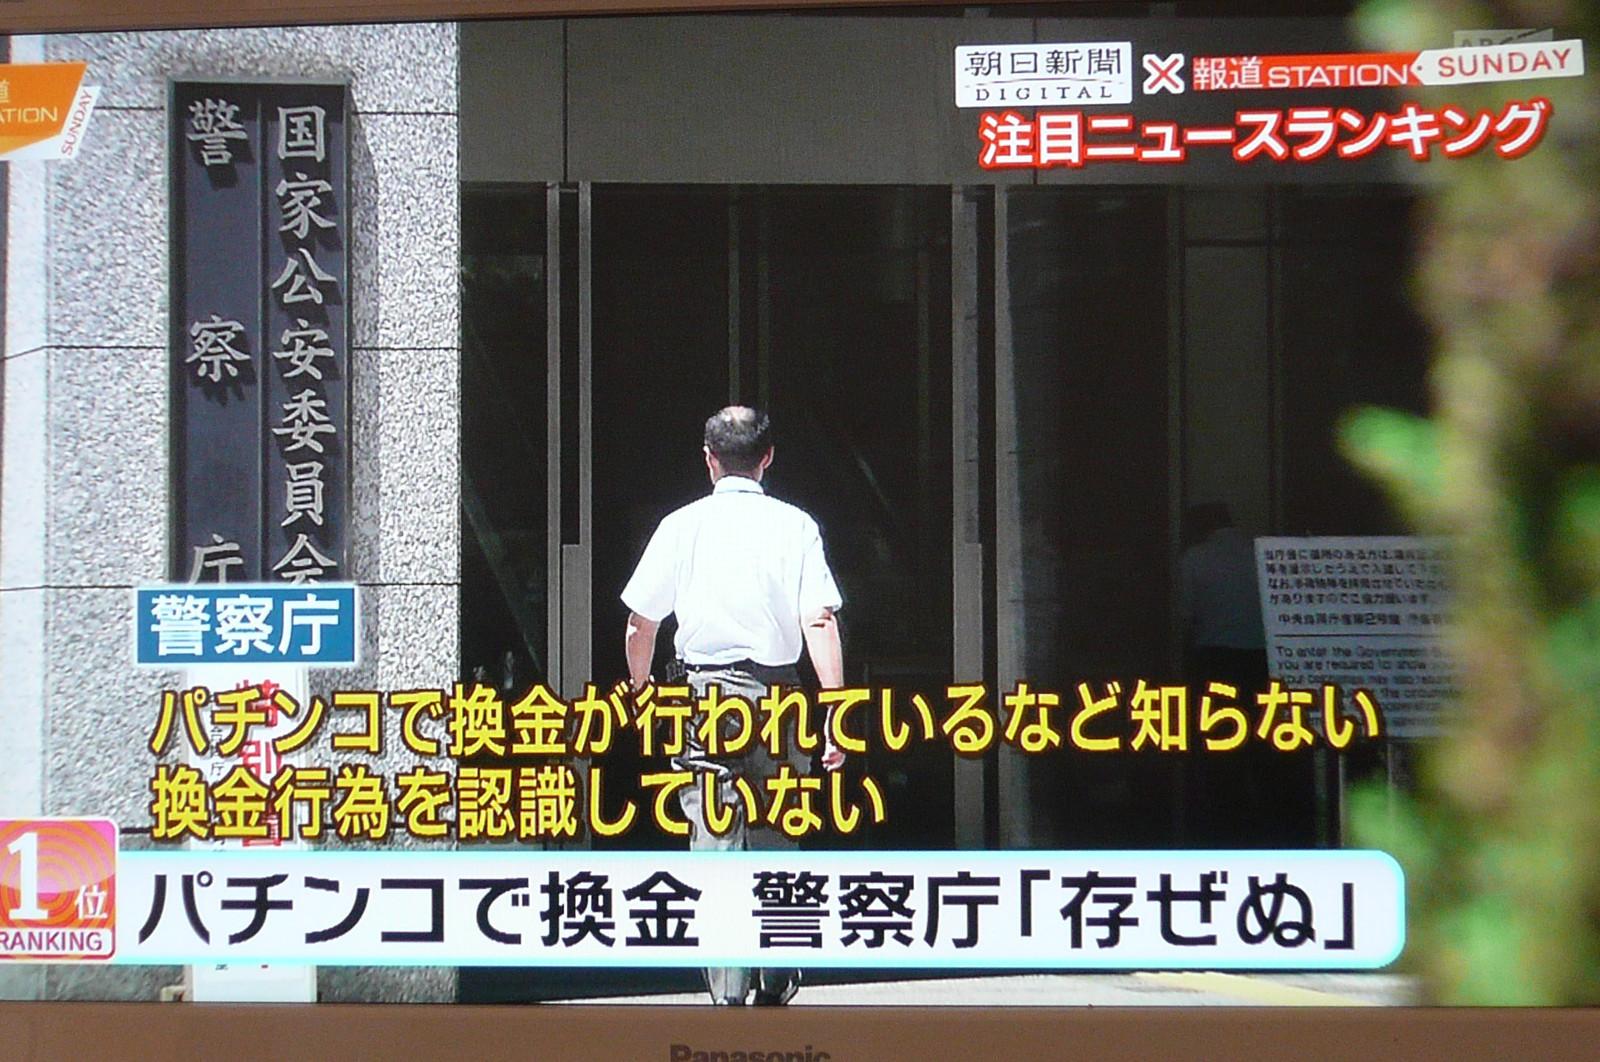 部下に気合を入れようと拳銃の銃口を向けた巡査長を懲戒処分。神奈川県